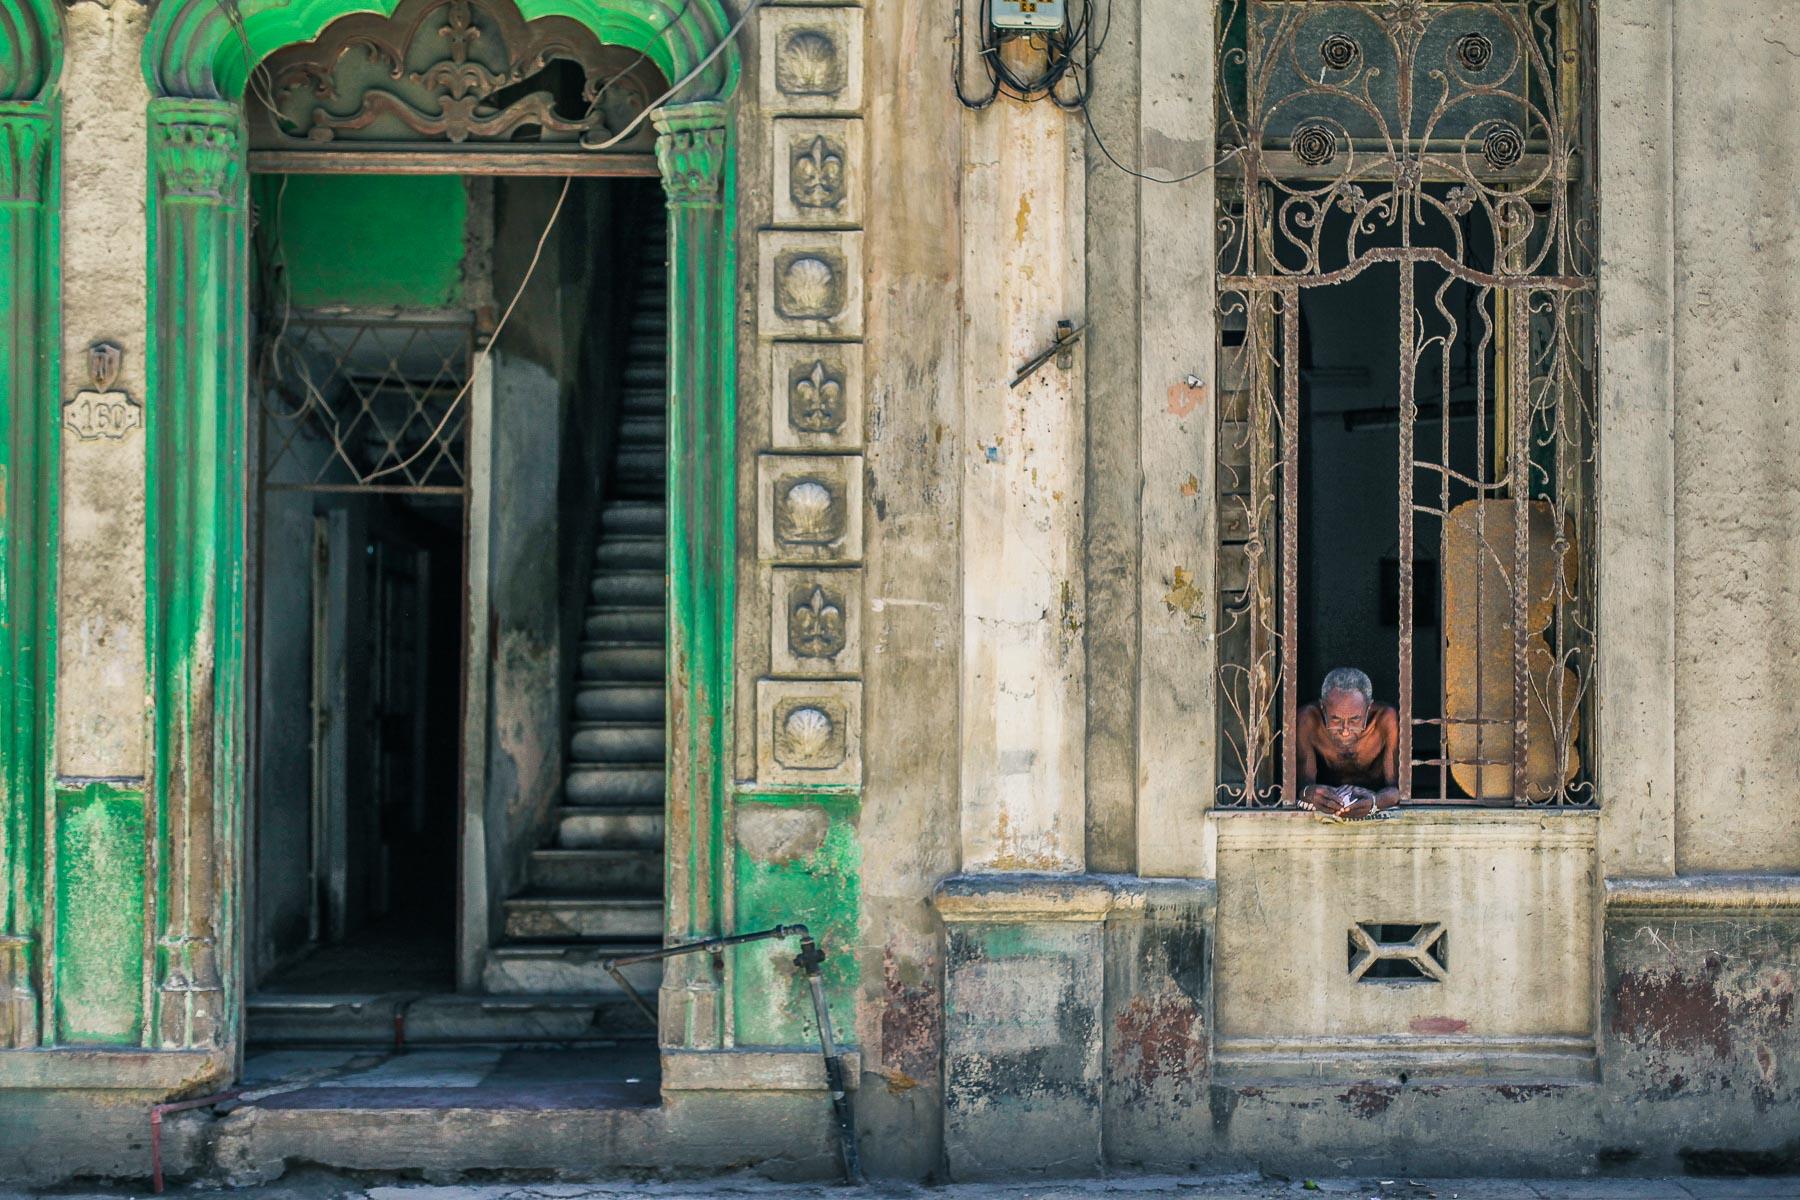 havane-downtown-monsieur-vert